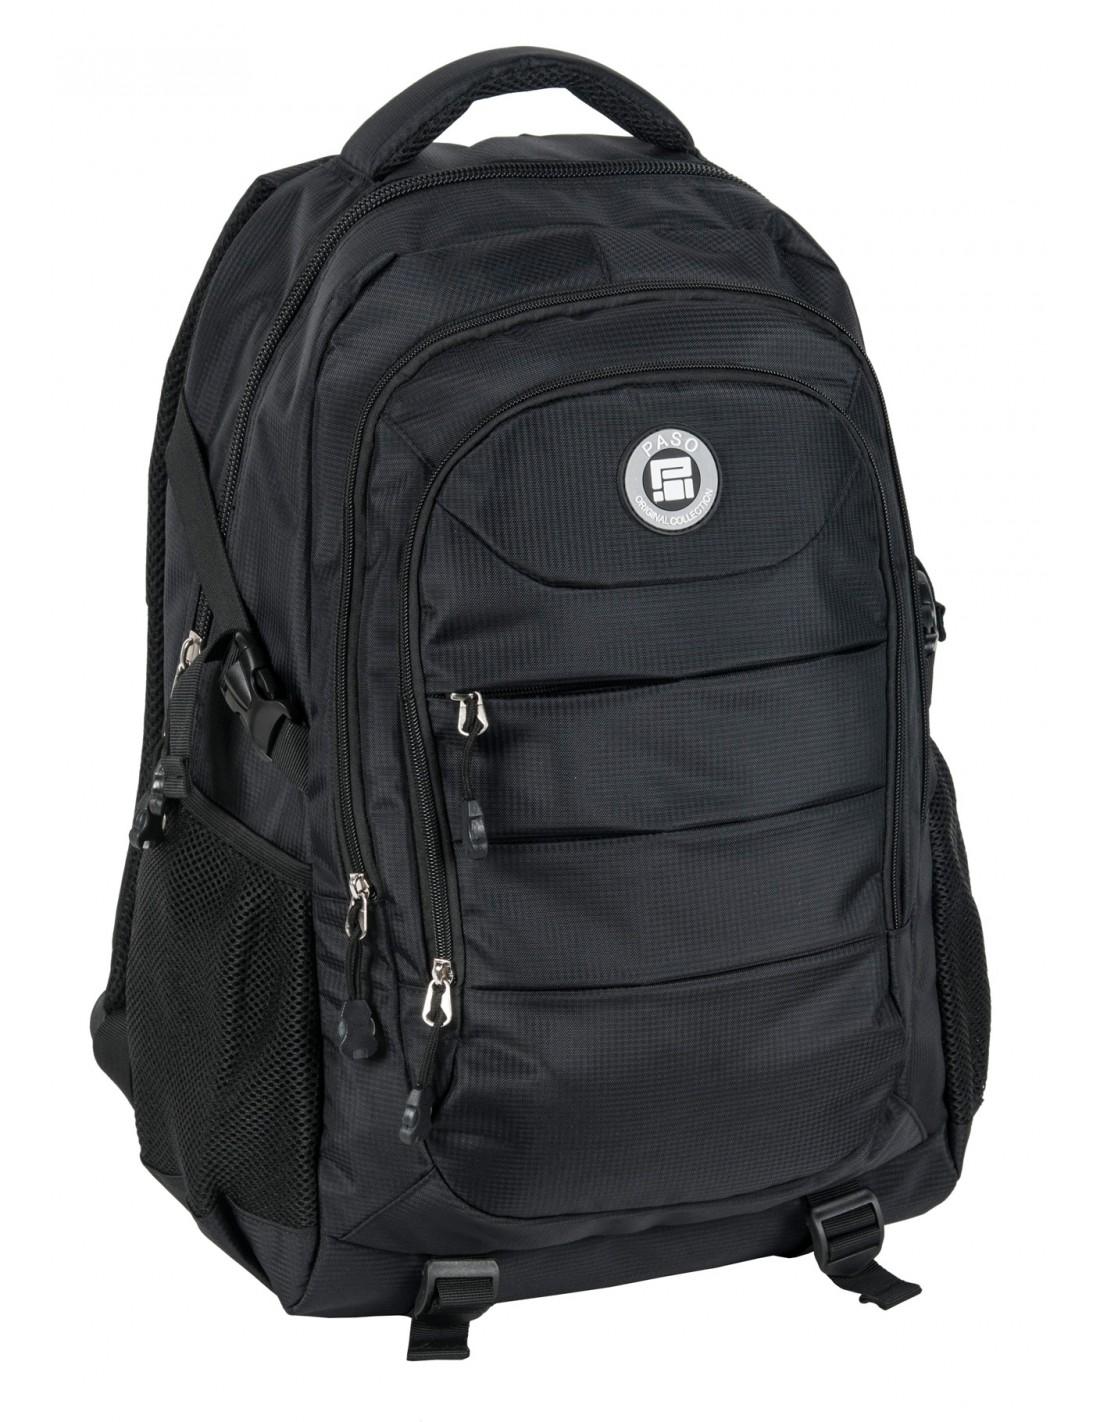 8ffd8a0442e87 Plecak młodzieżowy czarny Paso 19-30060BC